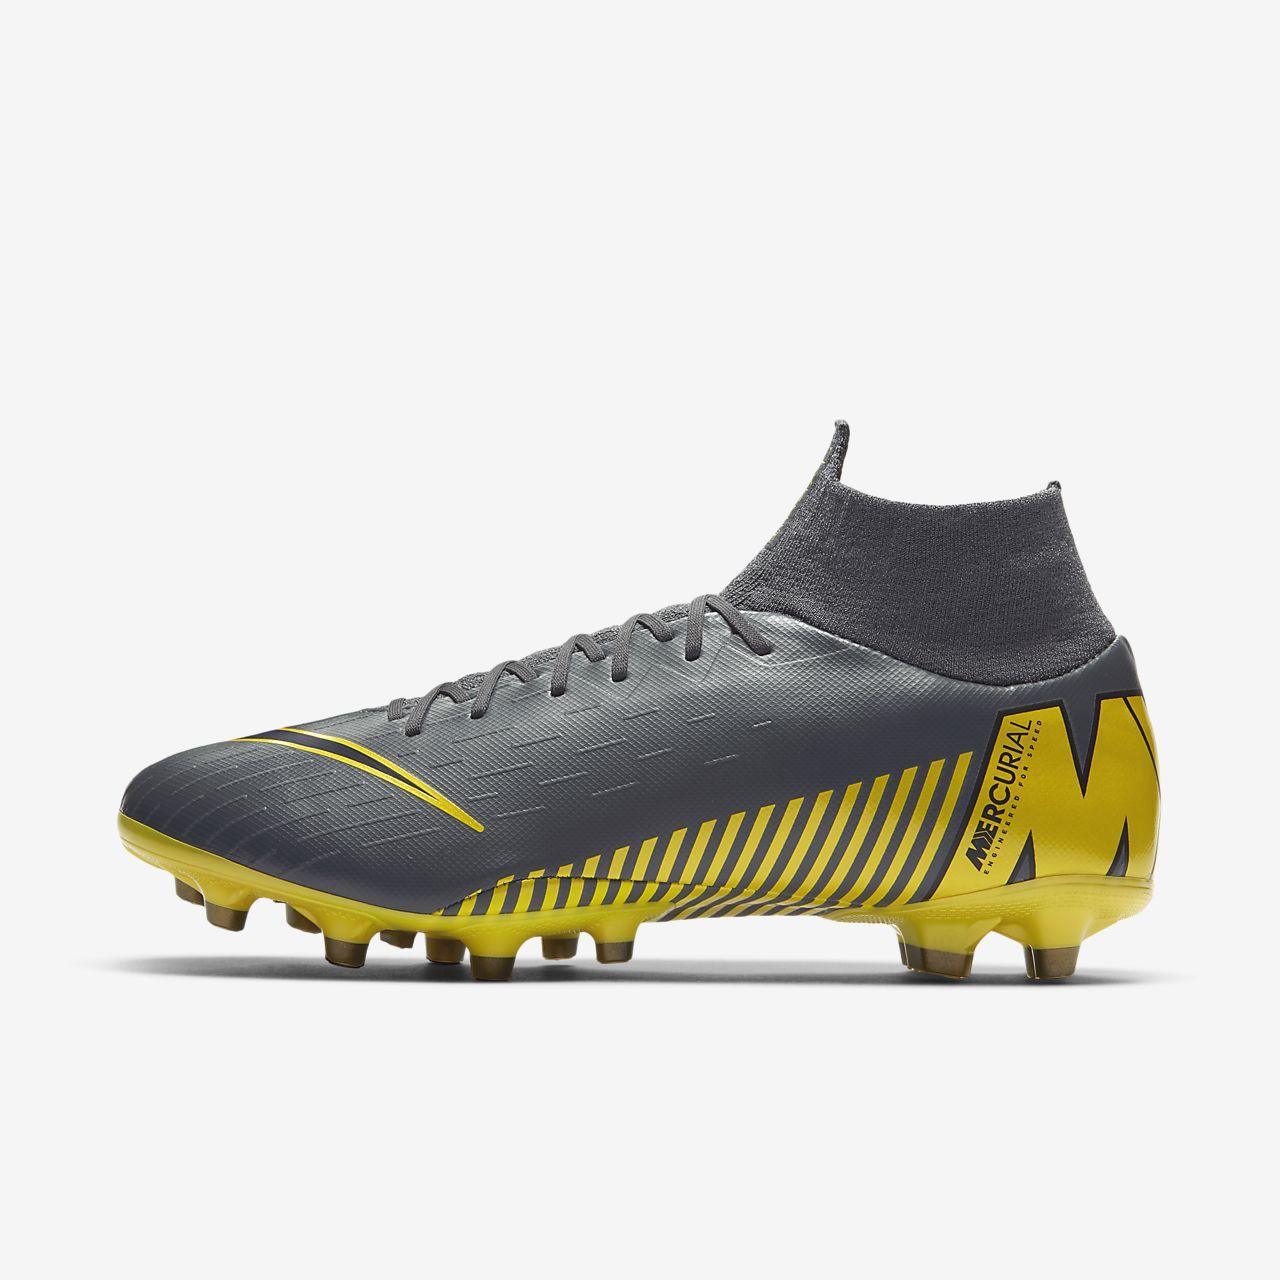 b789c05fde712 ... Calzado de fútbol para pasto artificial Nike Mercurial Superfly VI Pro  AG-PRO